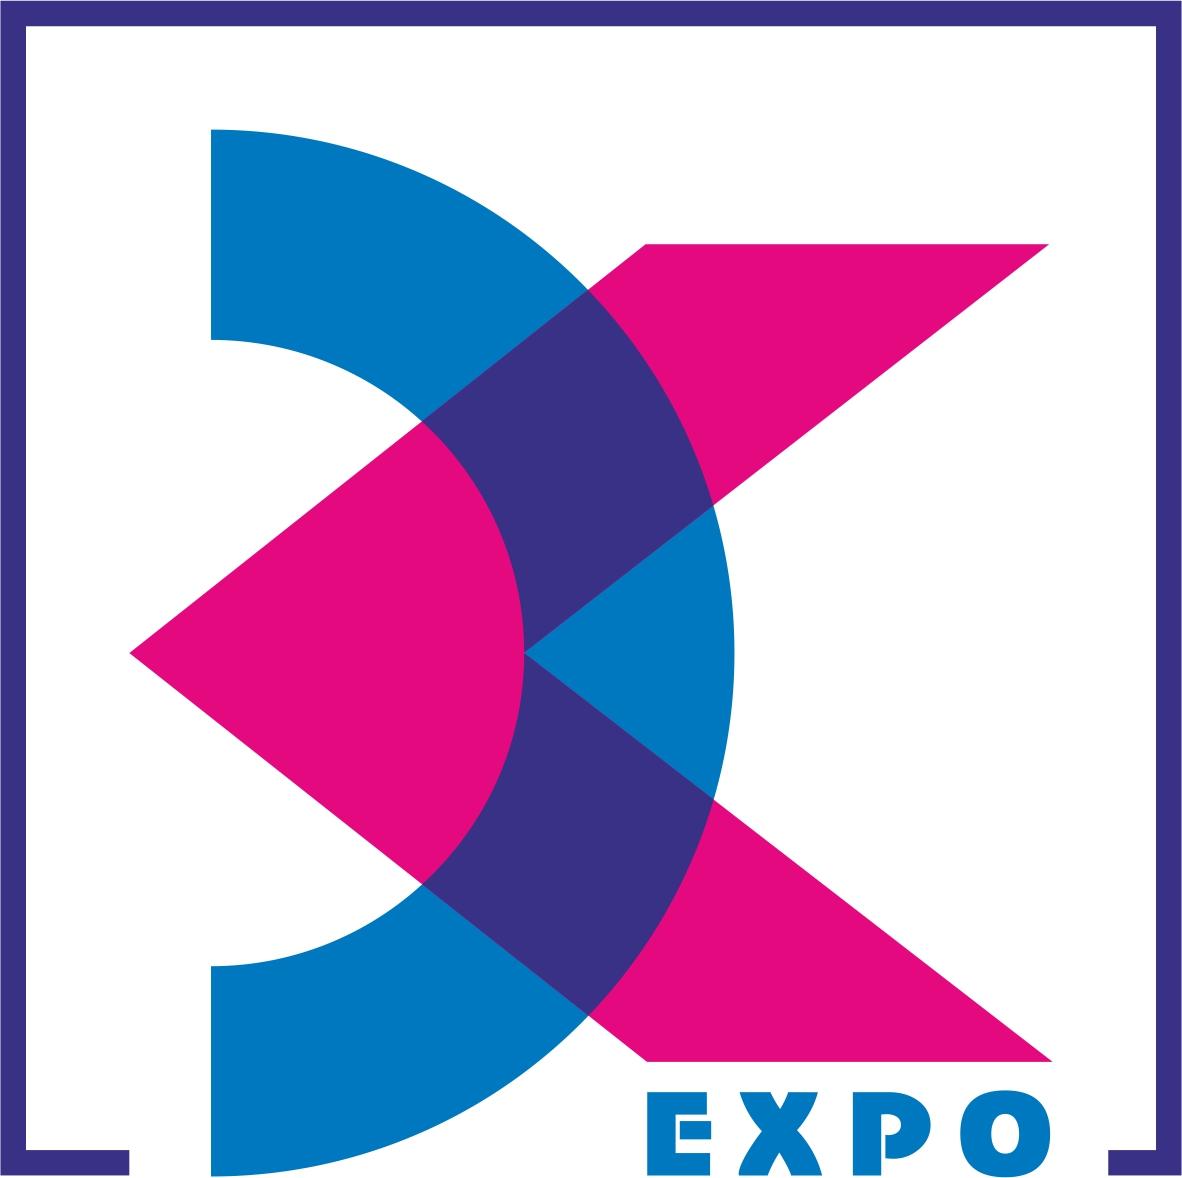 DK-EXPO